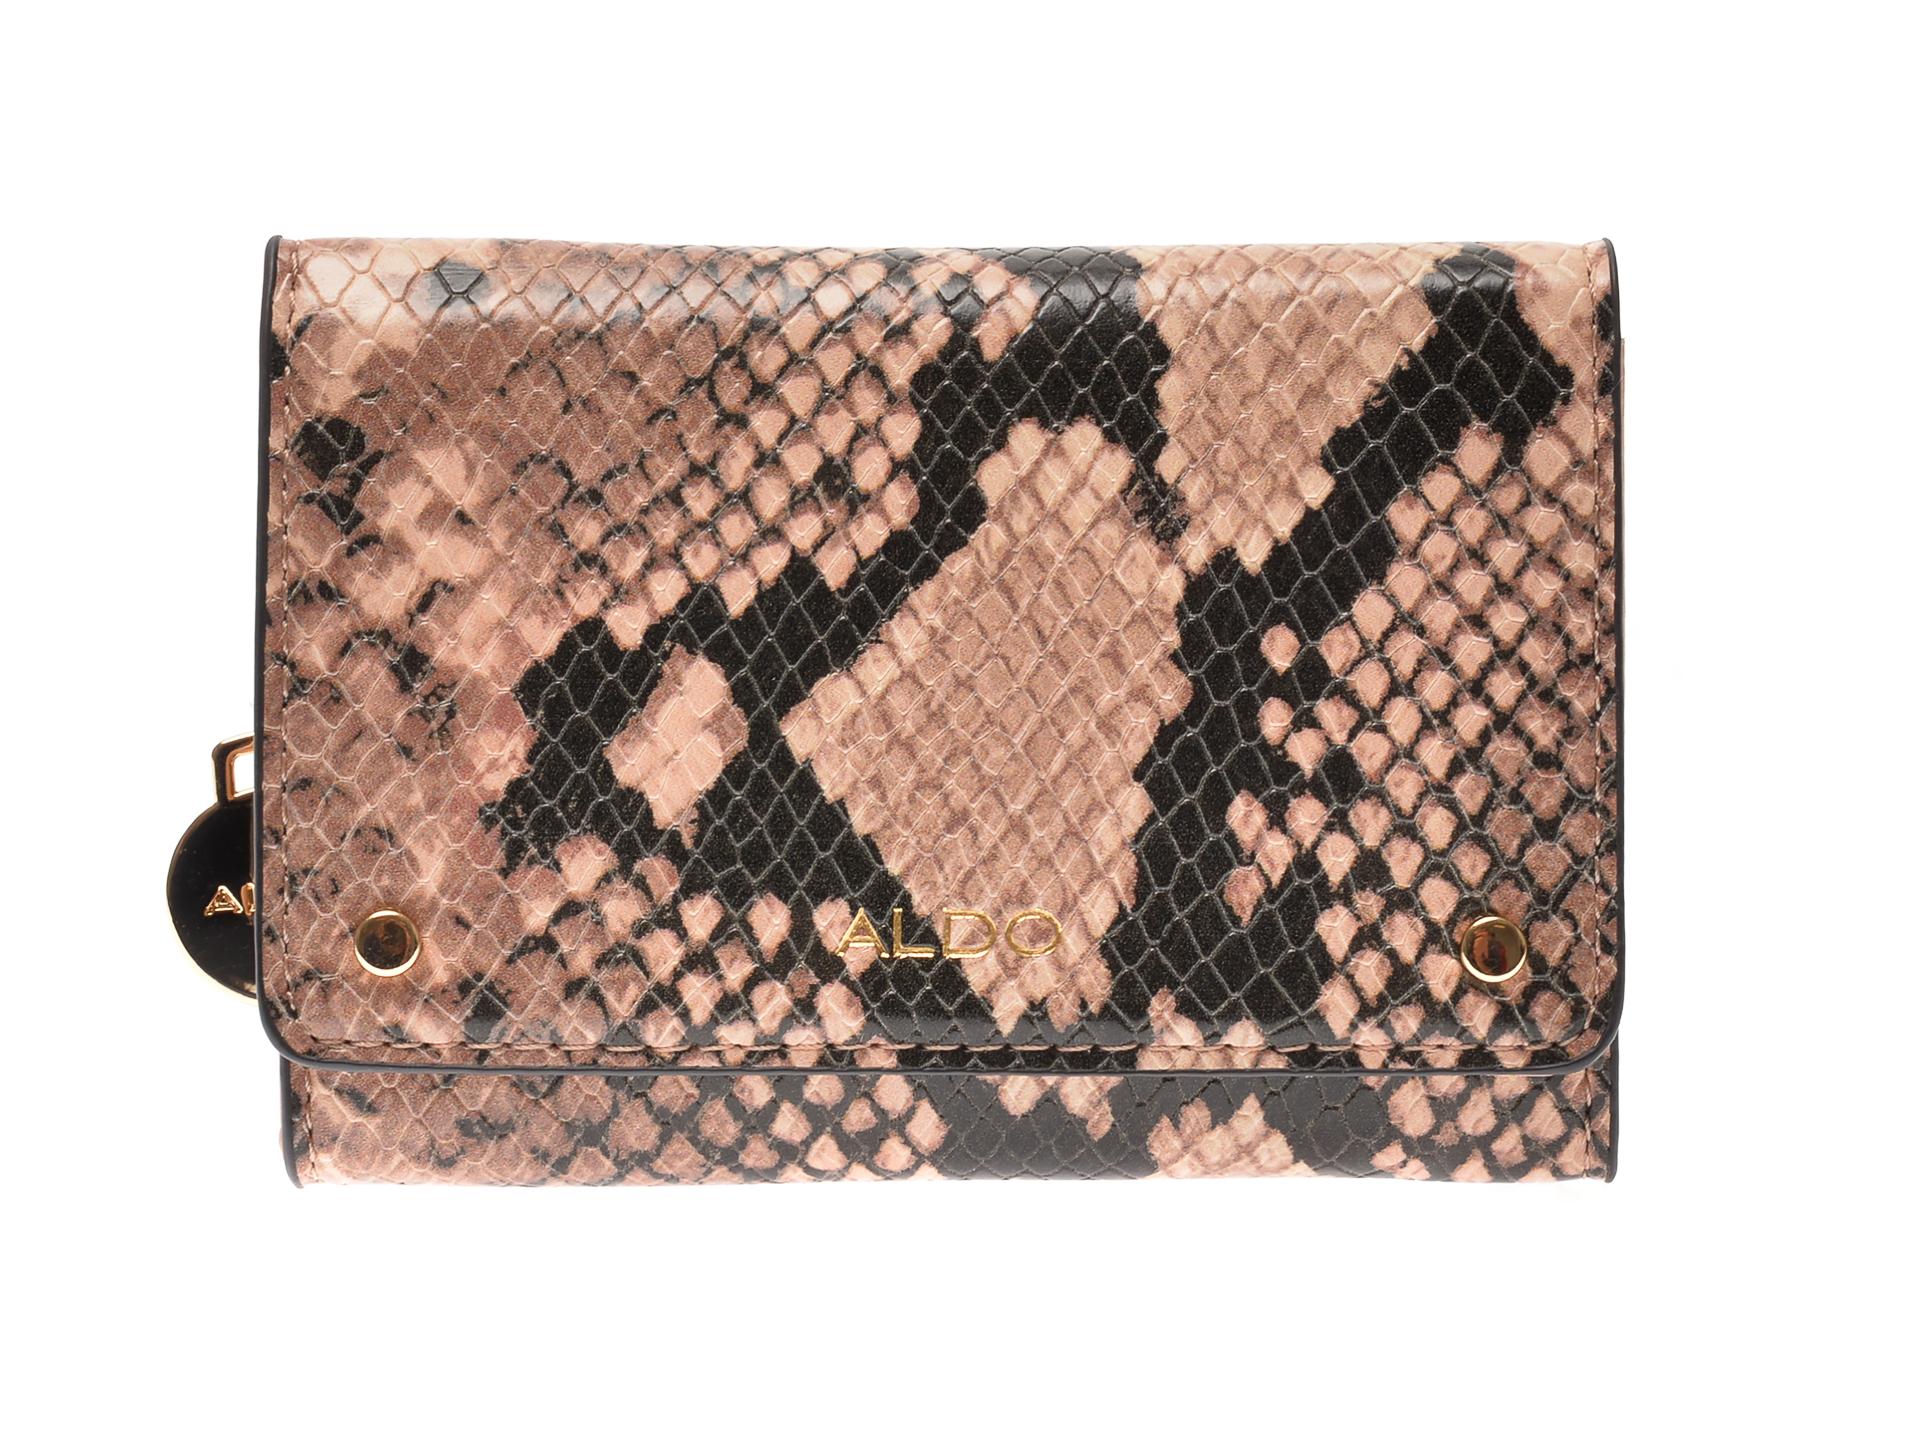 Portofel ALDO nude, Pietrarubbia950, din piele ecologica imagine